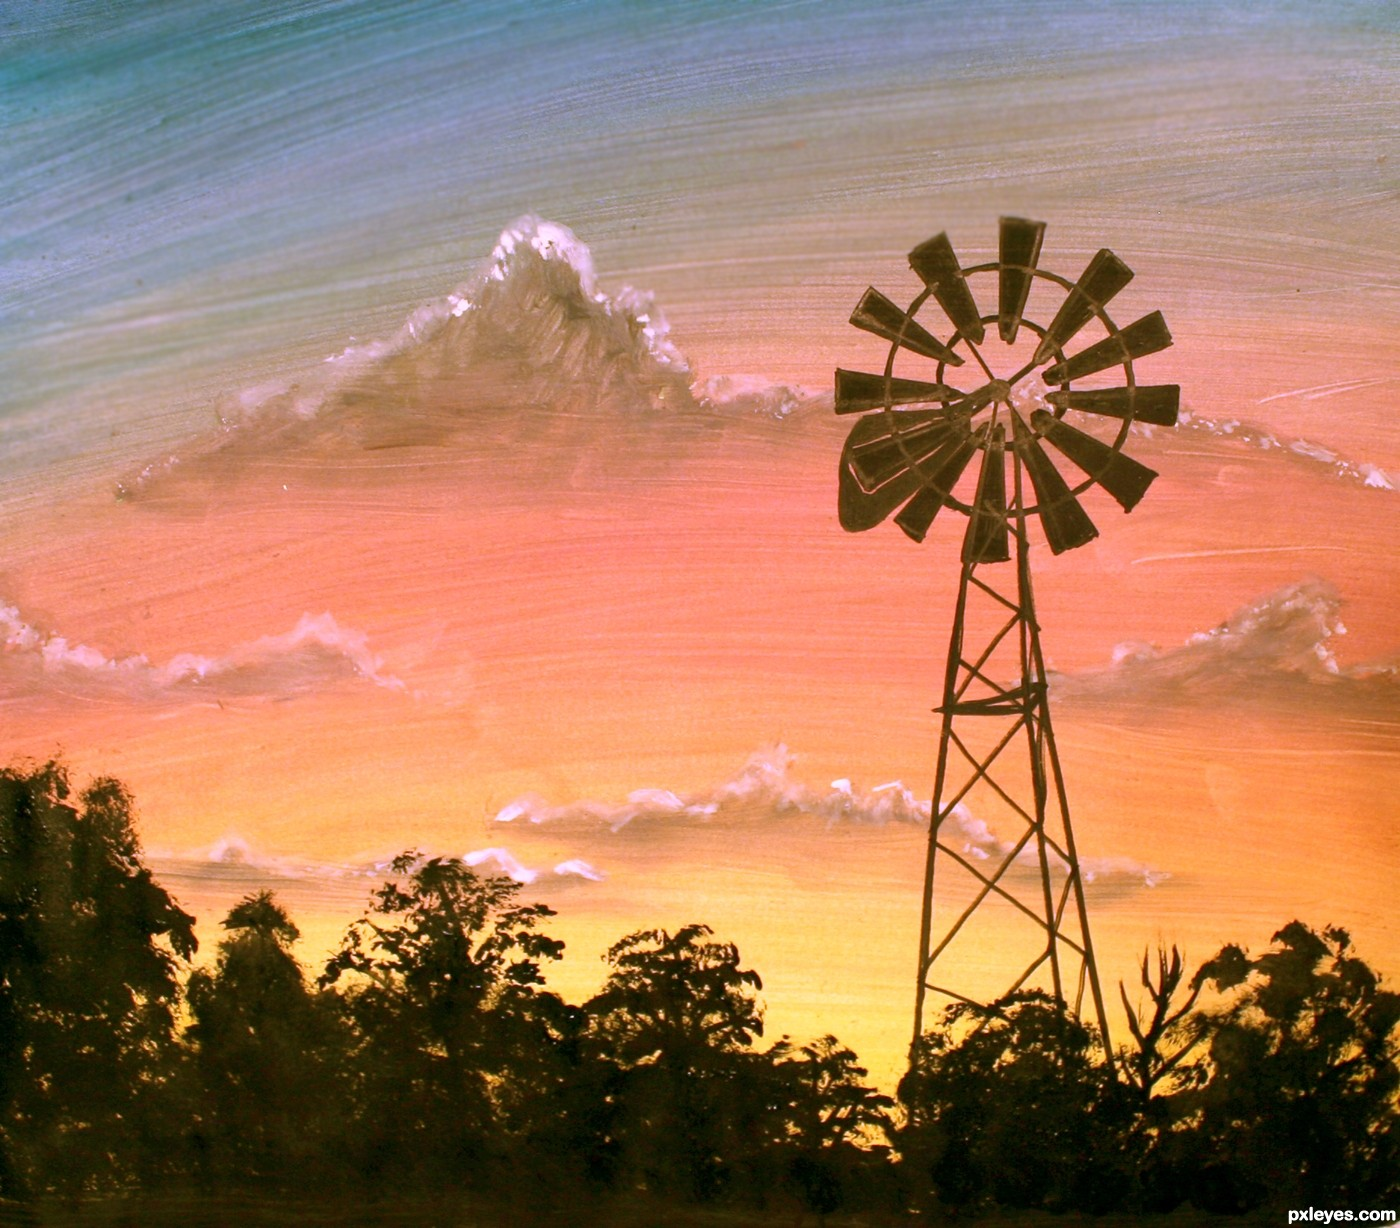 Drawn windmill farm windmill Farm at Sunrise picture windmills